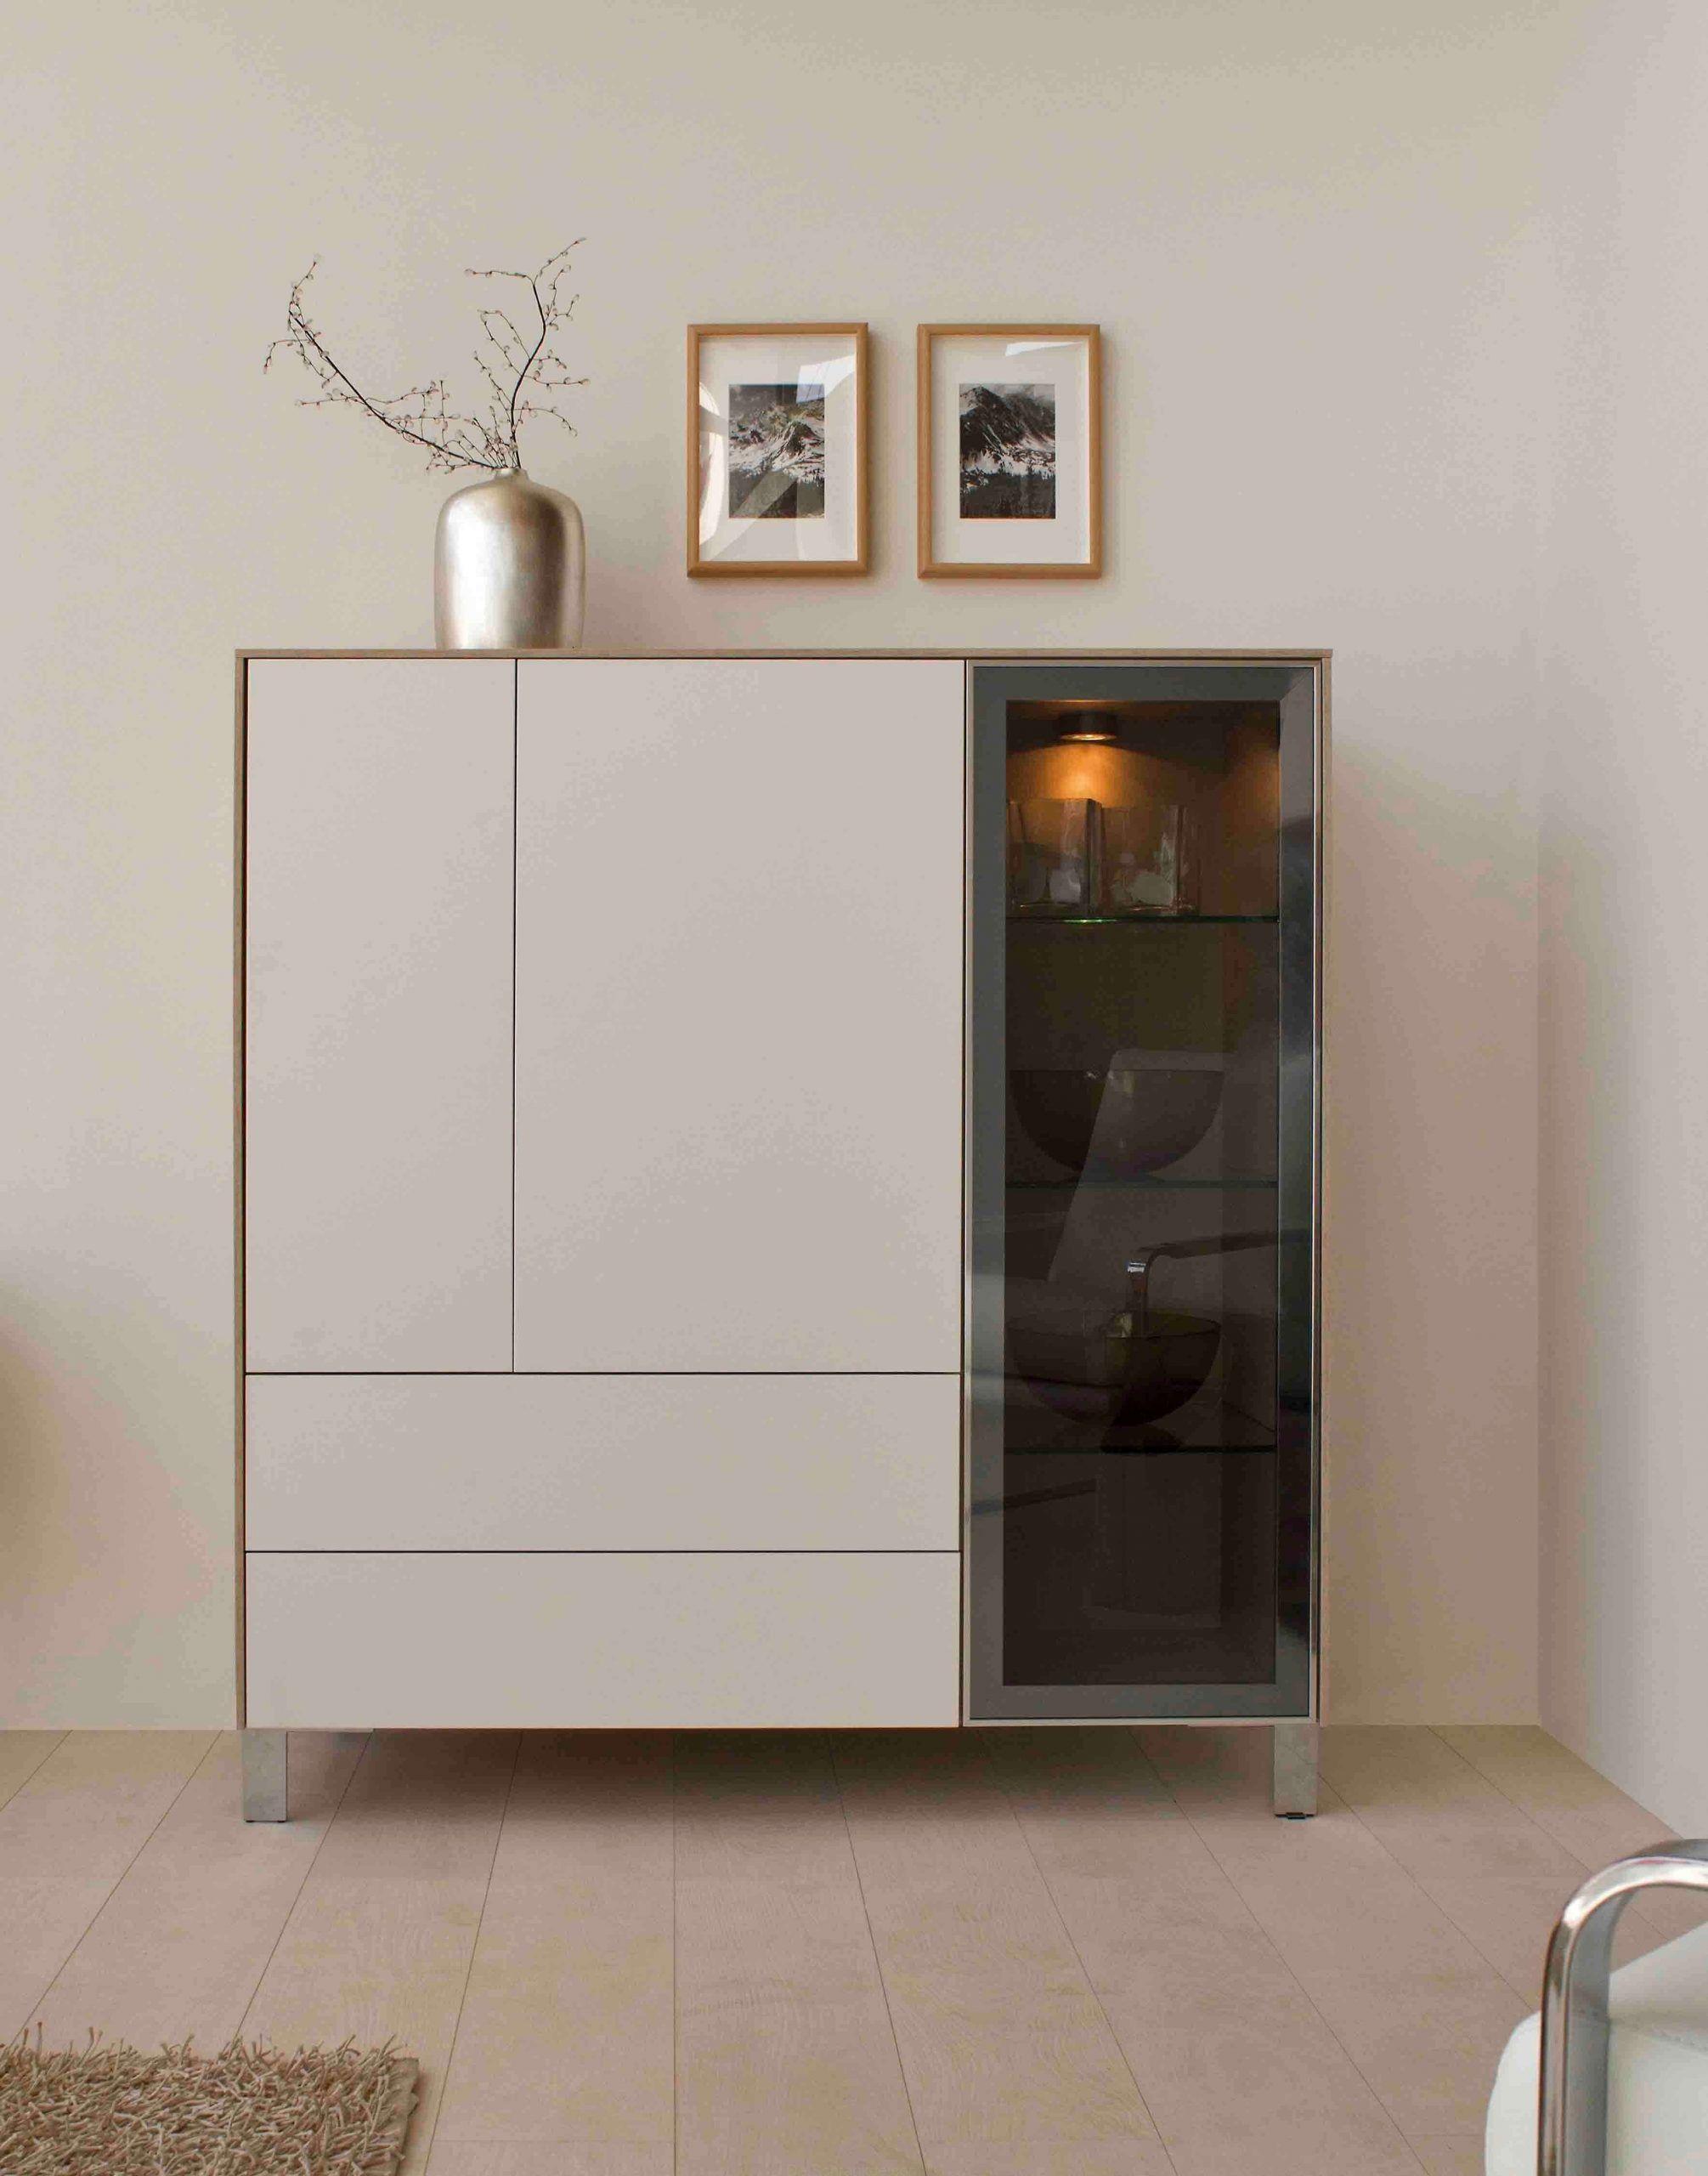 4 Schrank Geschirr Wohnzimmer Inspiration in 4